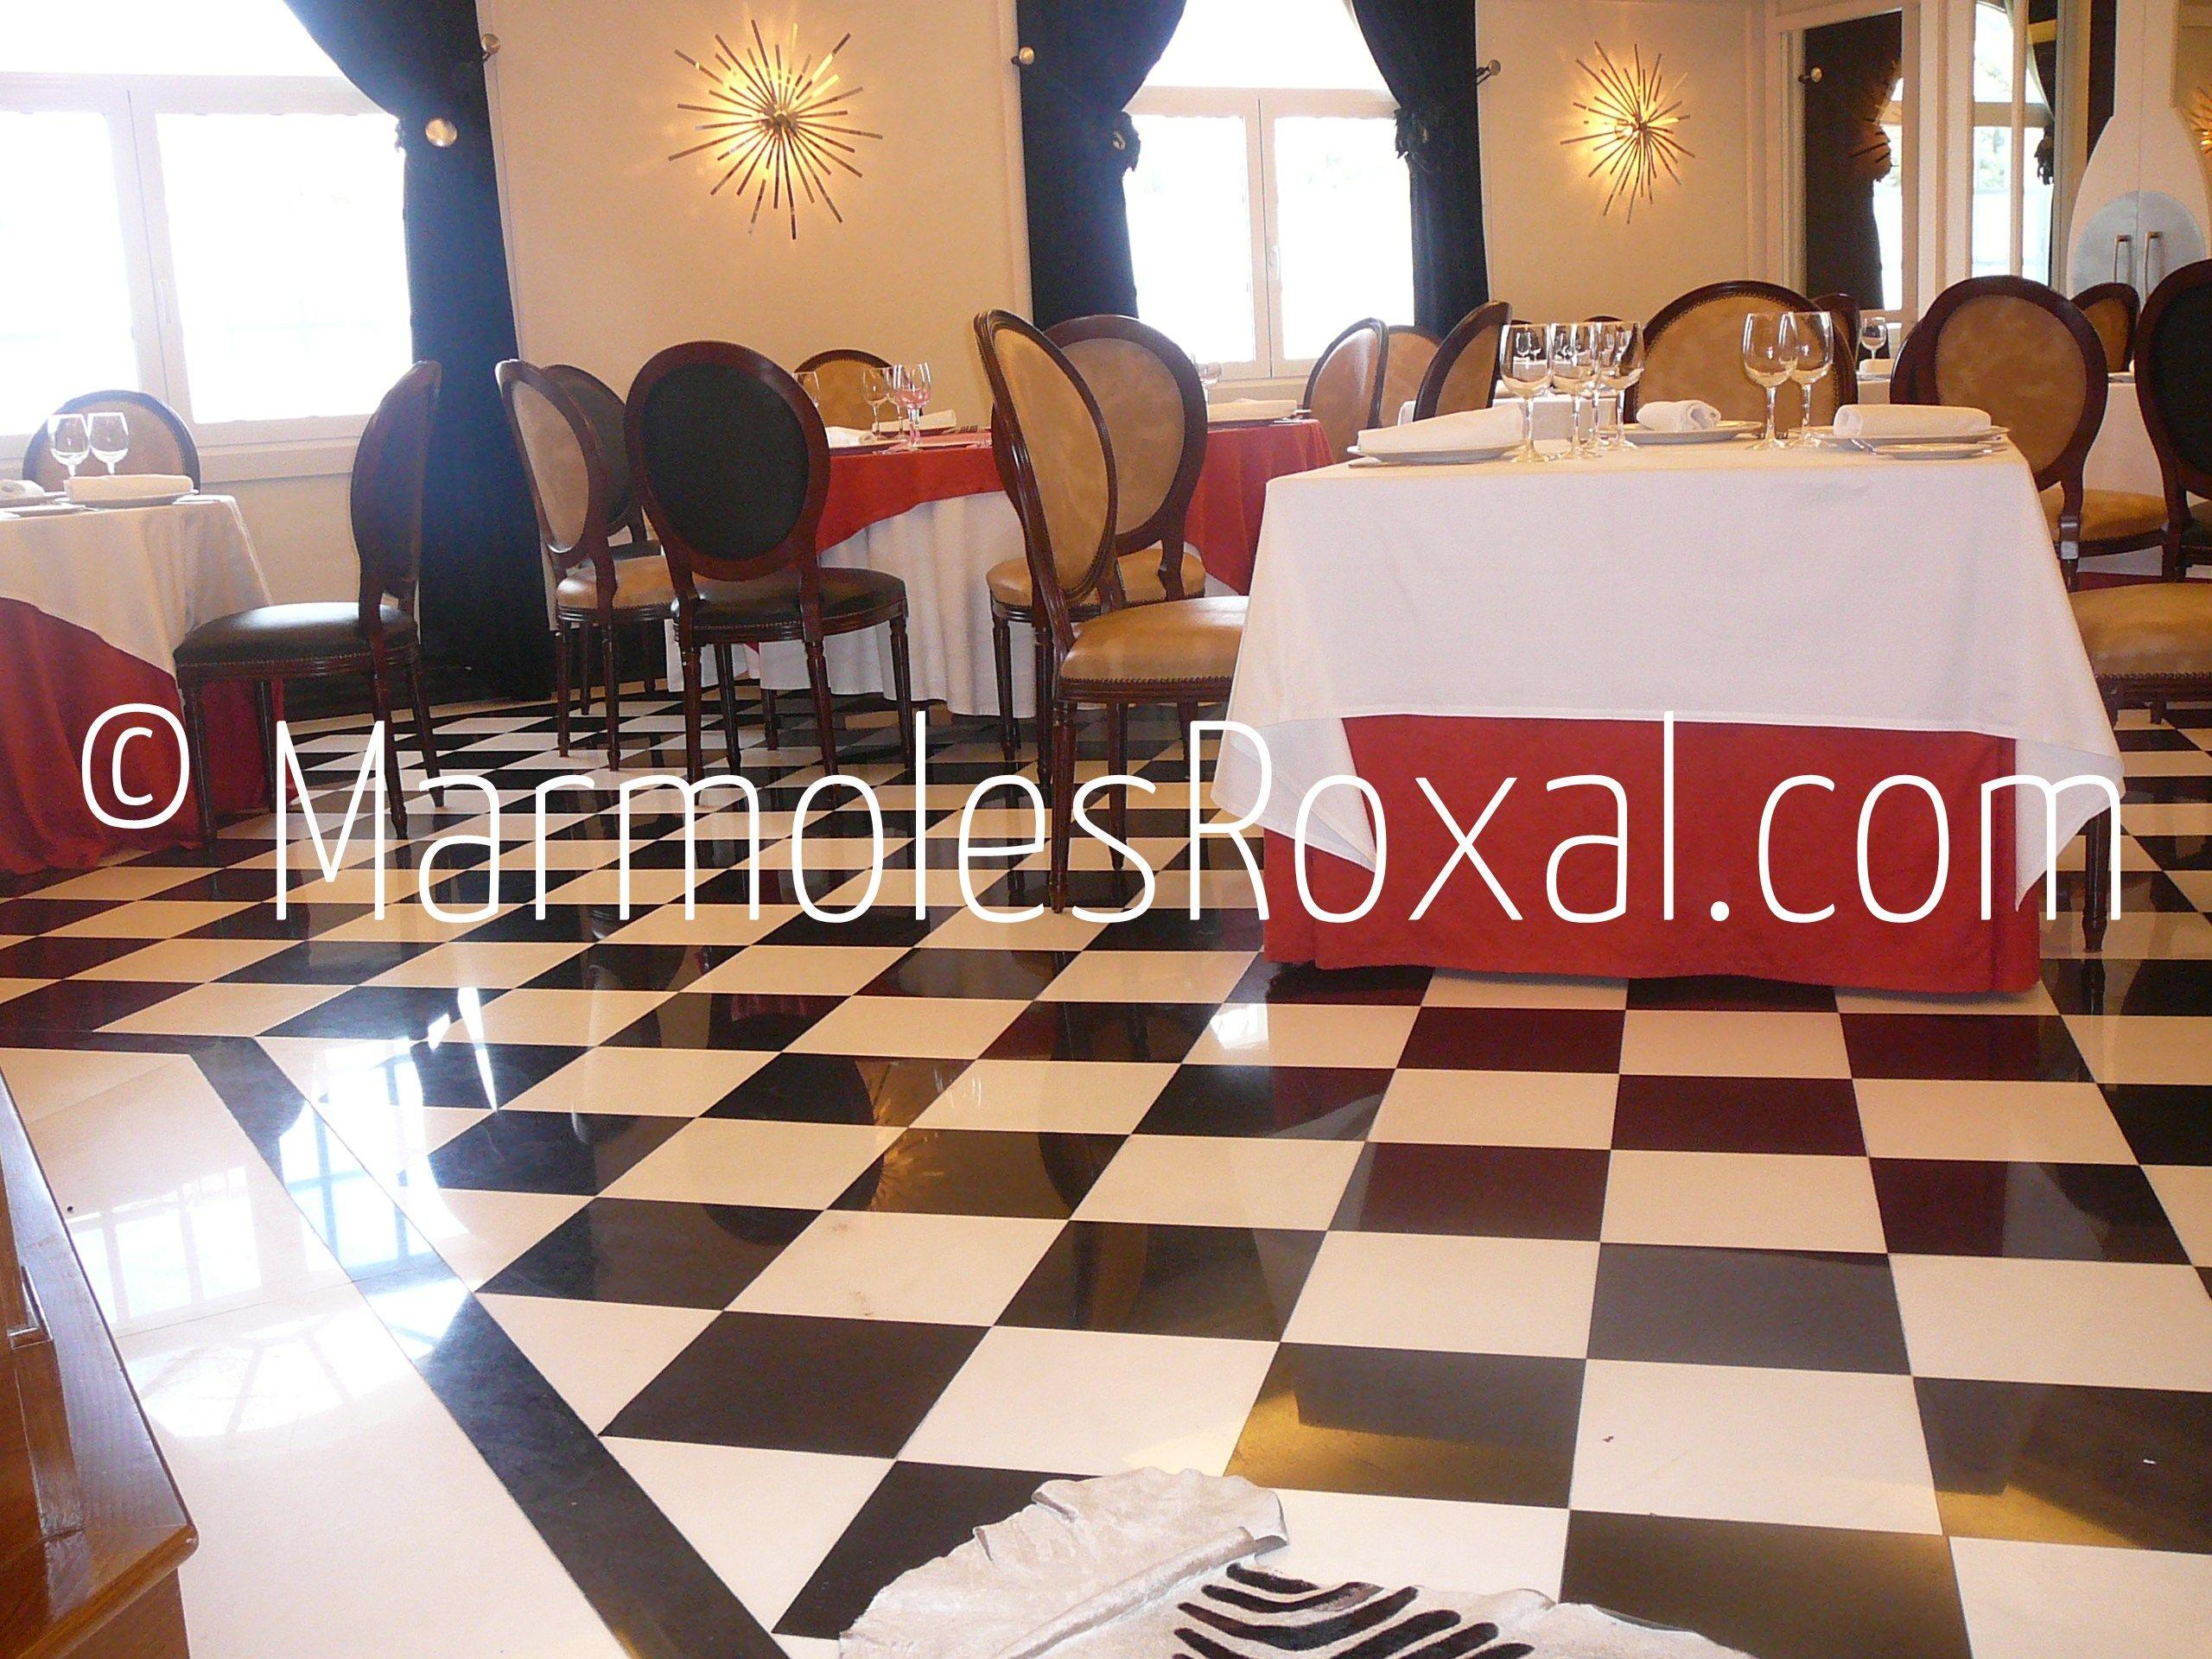 Proyectos de interior marmoles roxal s l - Baldosas para salones ...